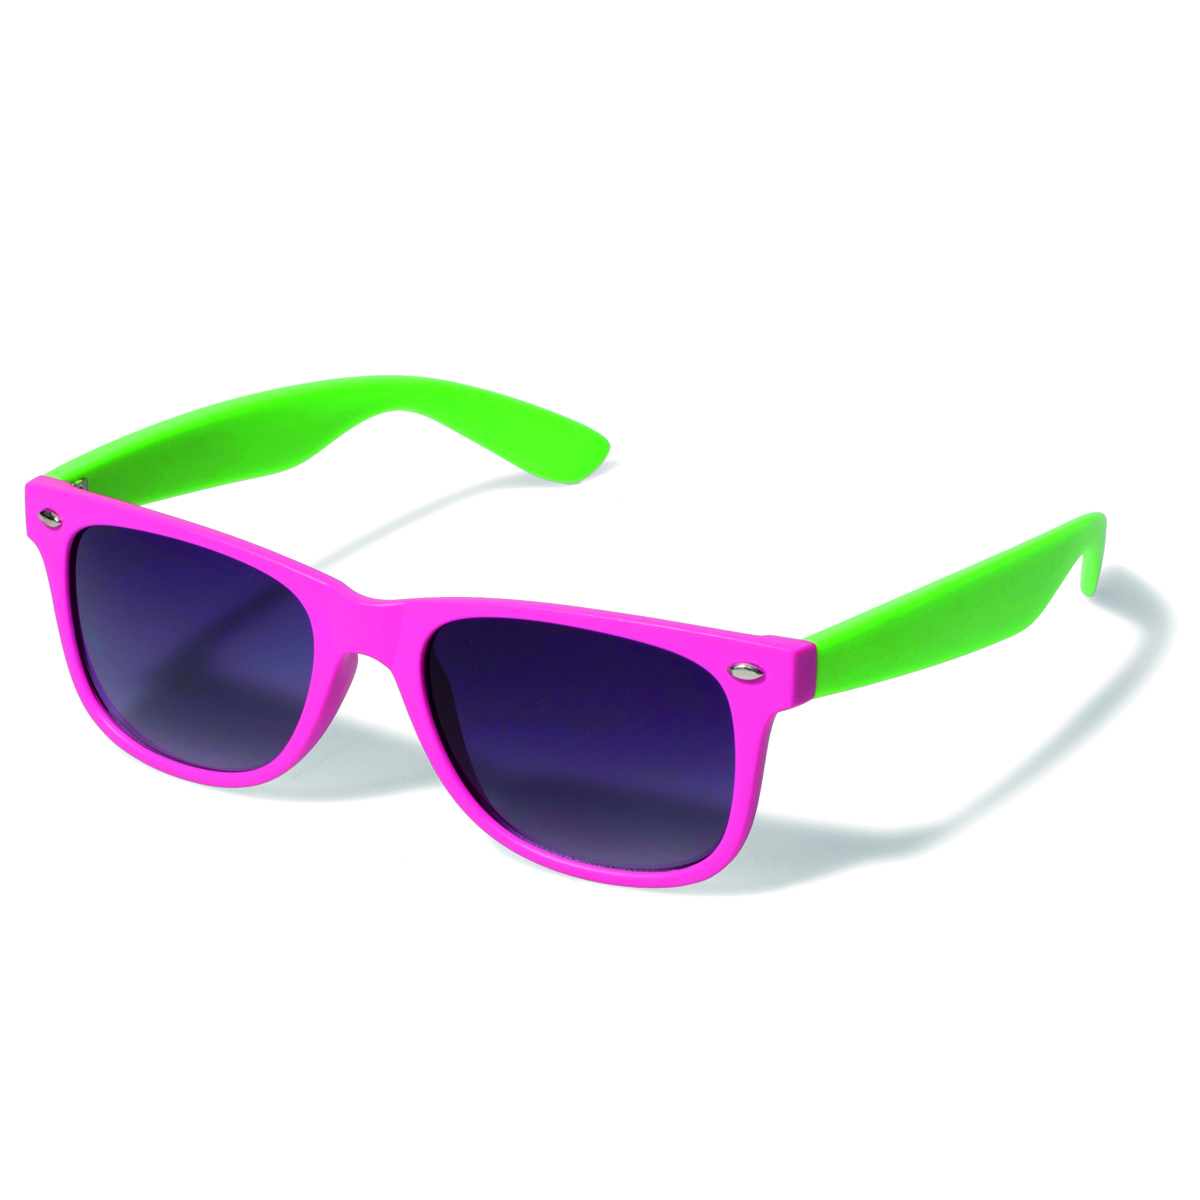 New Yorker SUNGLASSES Sunglasses 53 006 pink green 79000 RSD New Yorker vam predlaže: Najbolje naočare za sunce